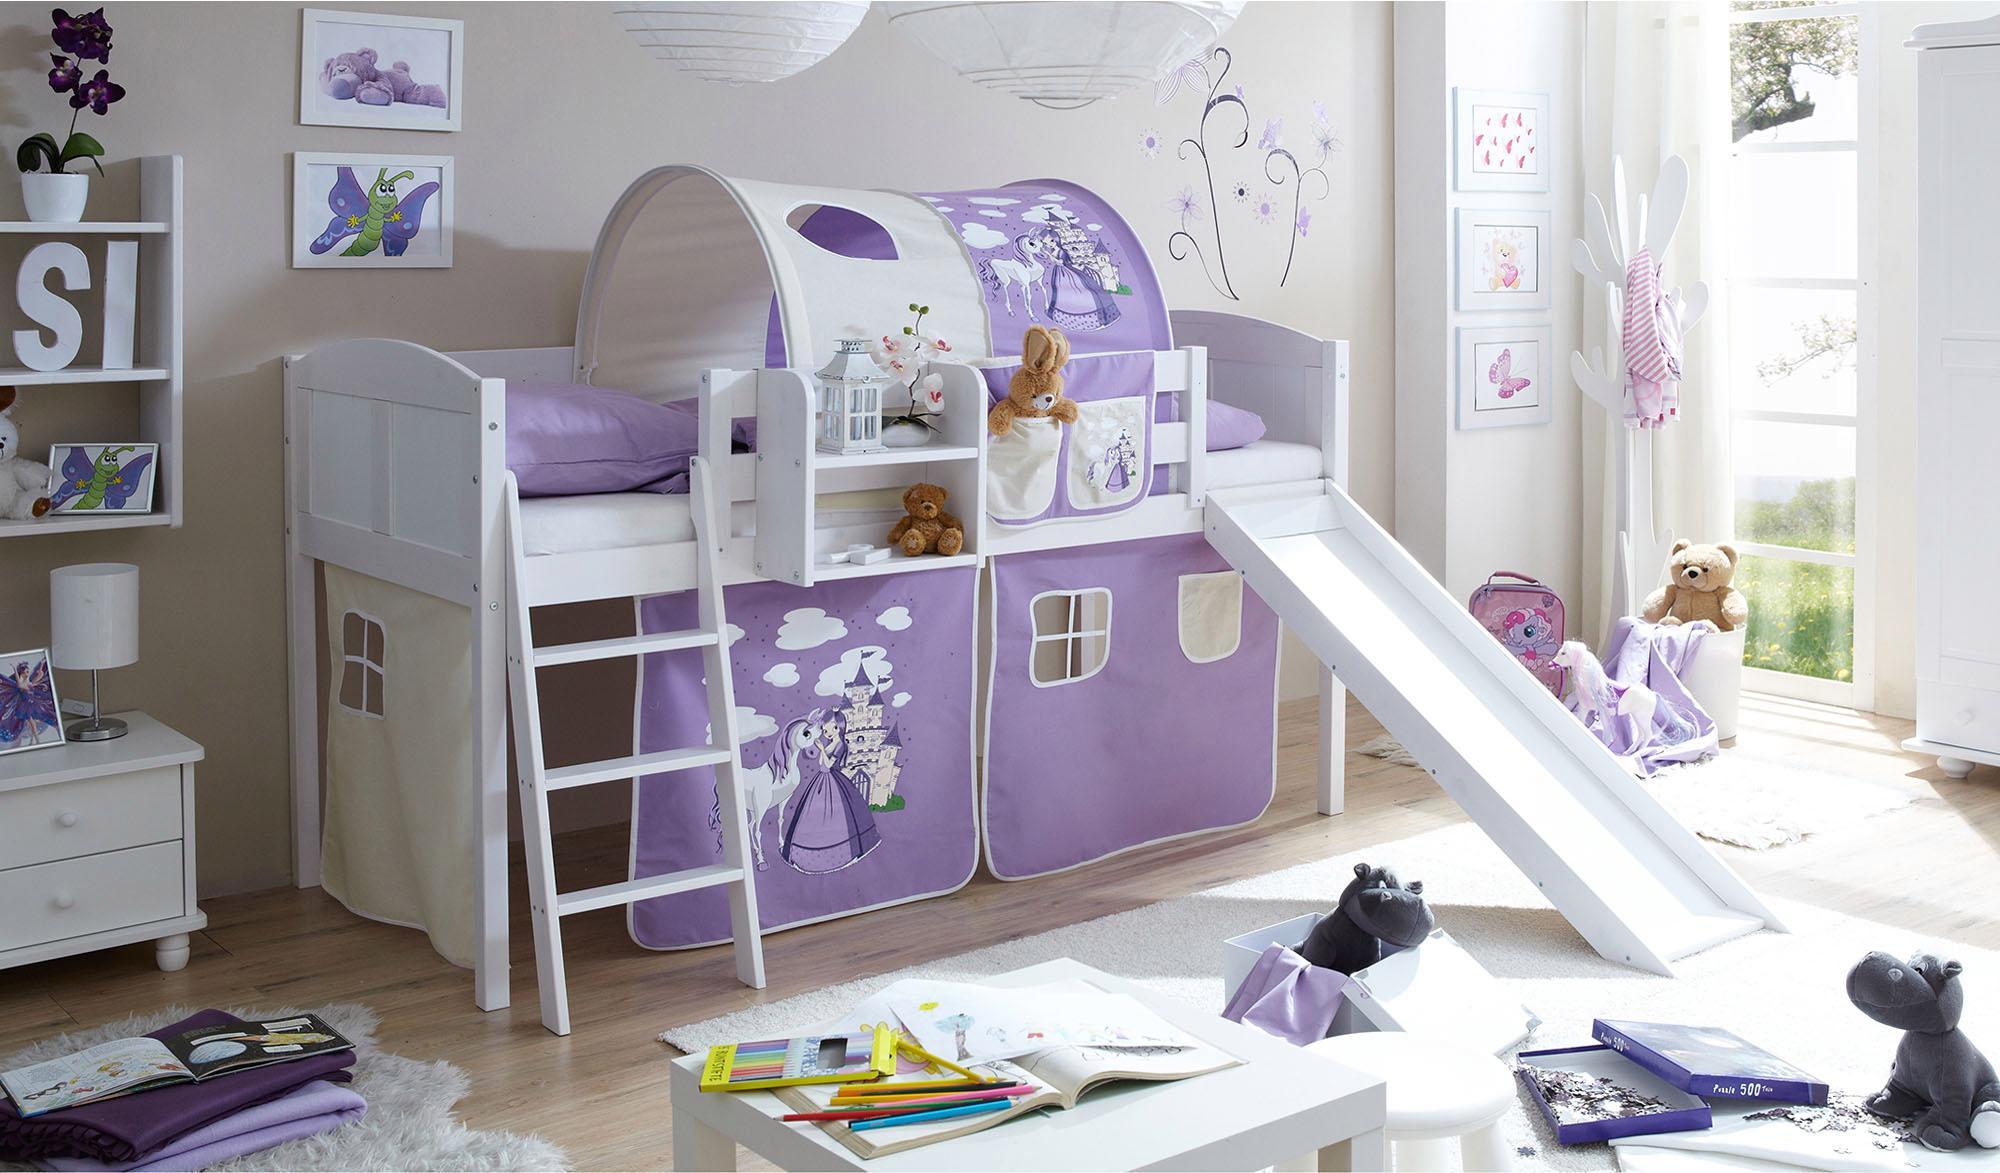 Ticaa Jugendzimmer-Set »Ekki« | Kinderzimmer > Jugendzimmer > Komplett-Jugendzimmer | Ticaa